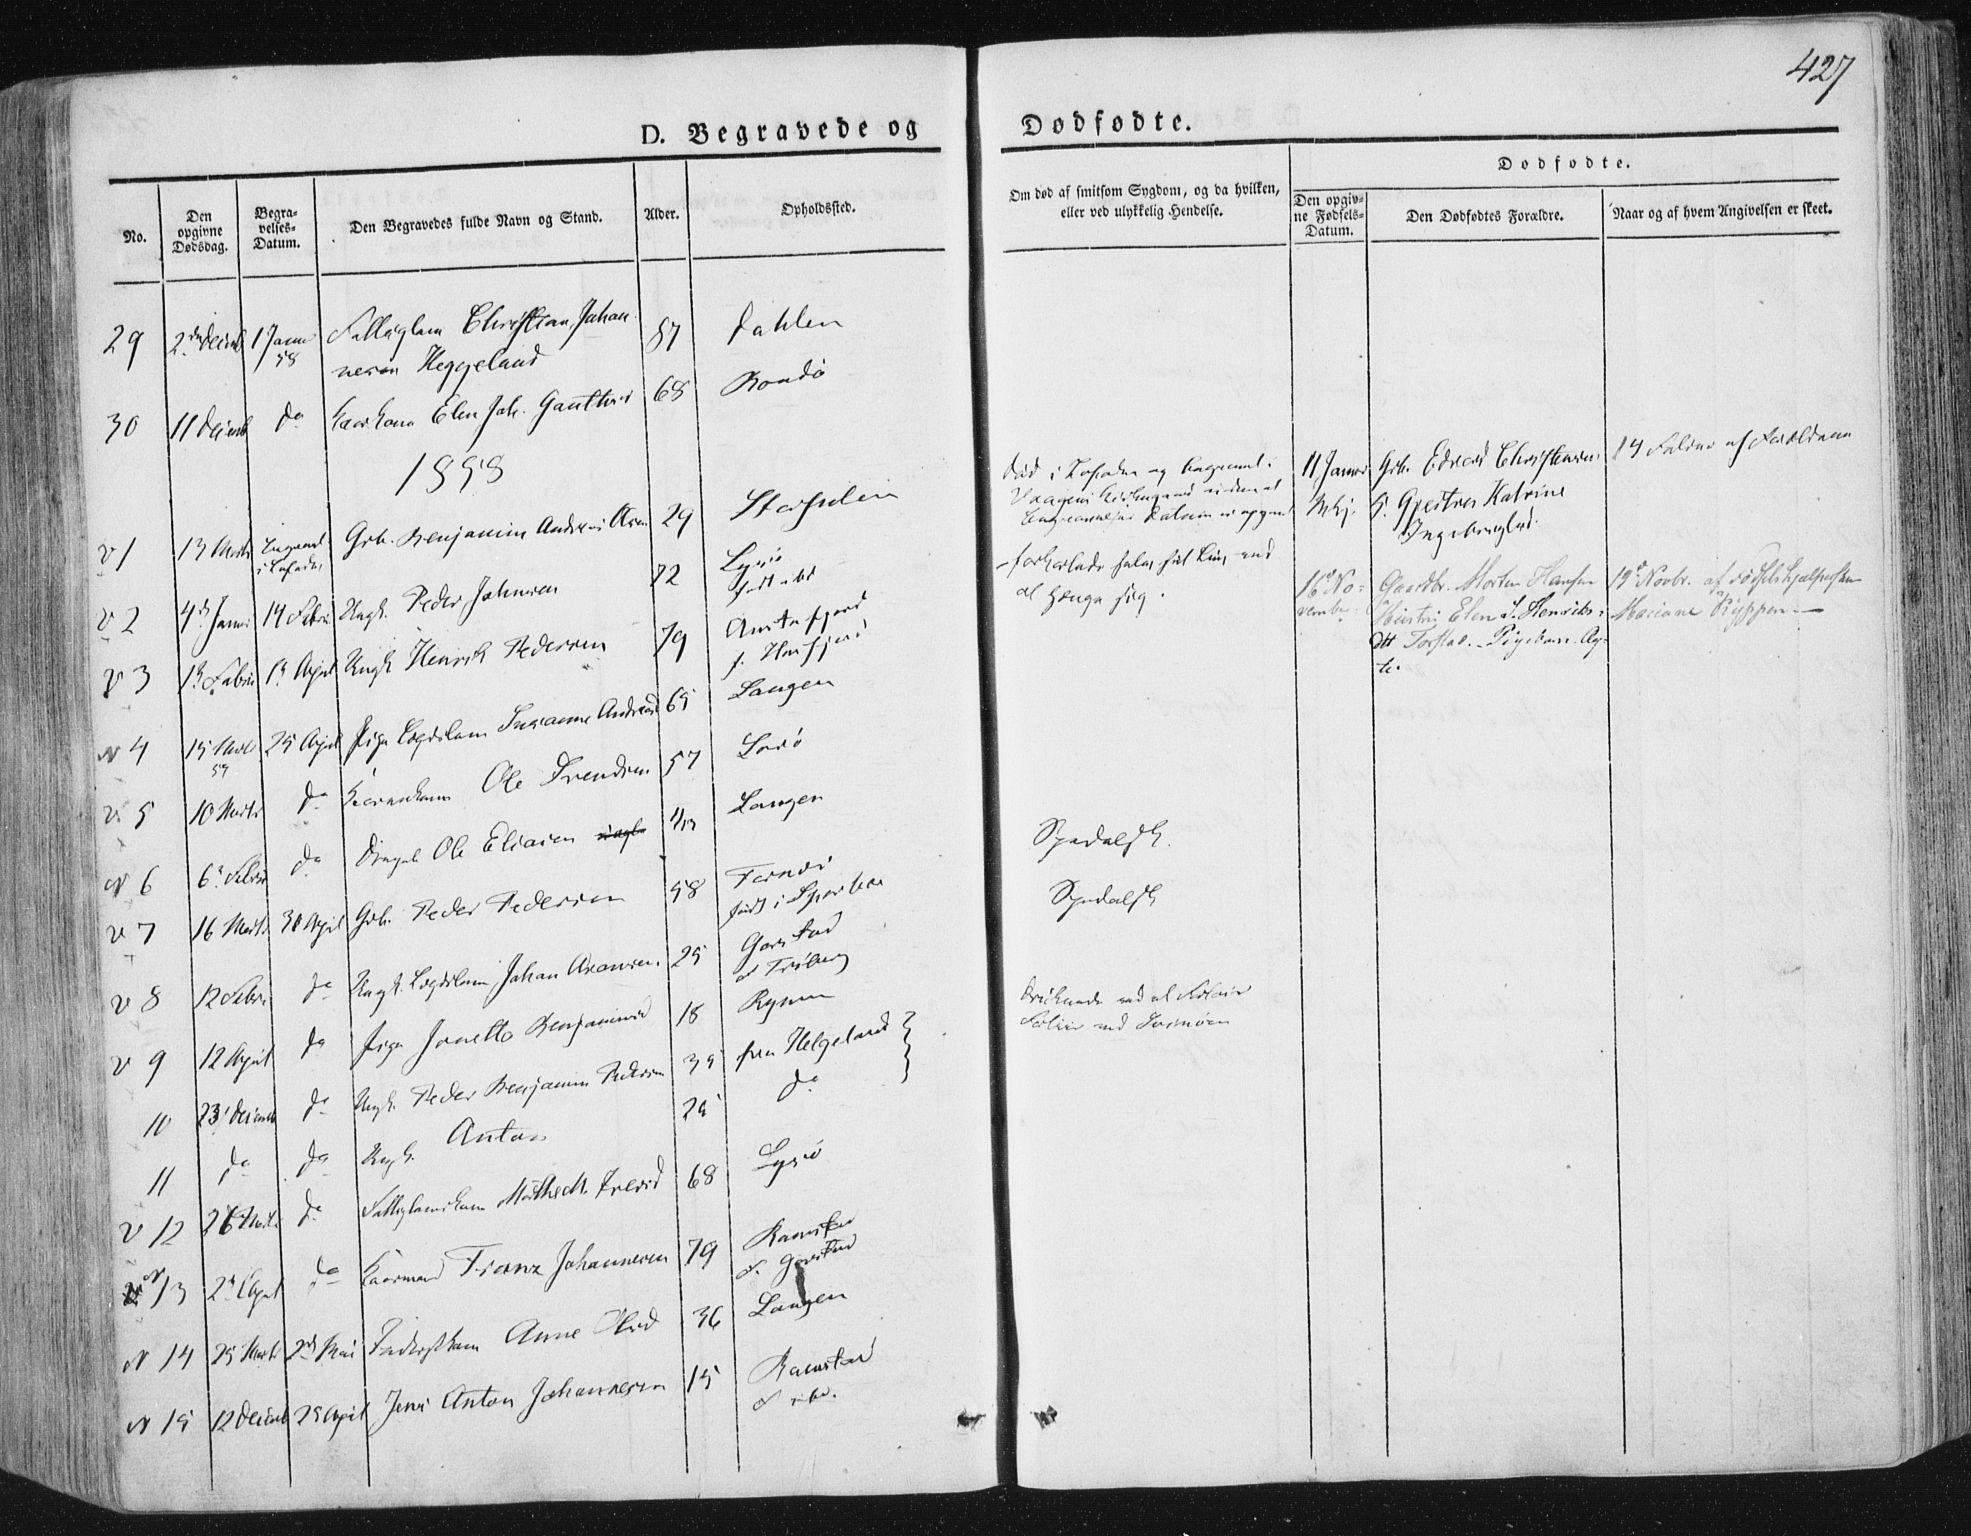 SAT, Ministerialprotokoller, klokkerbøker og fødselsregistre - Nord-Trøndelag, 784/L0669: Ministerialbok nr. 784A04, 1829-1859, s. 427